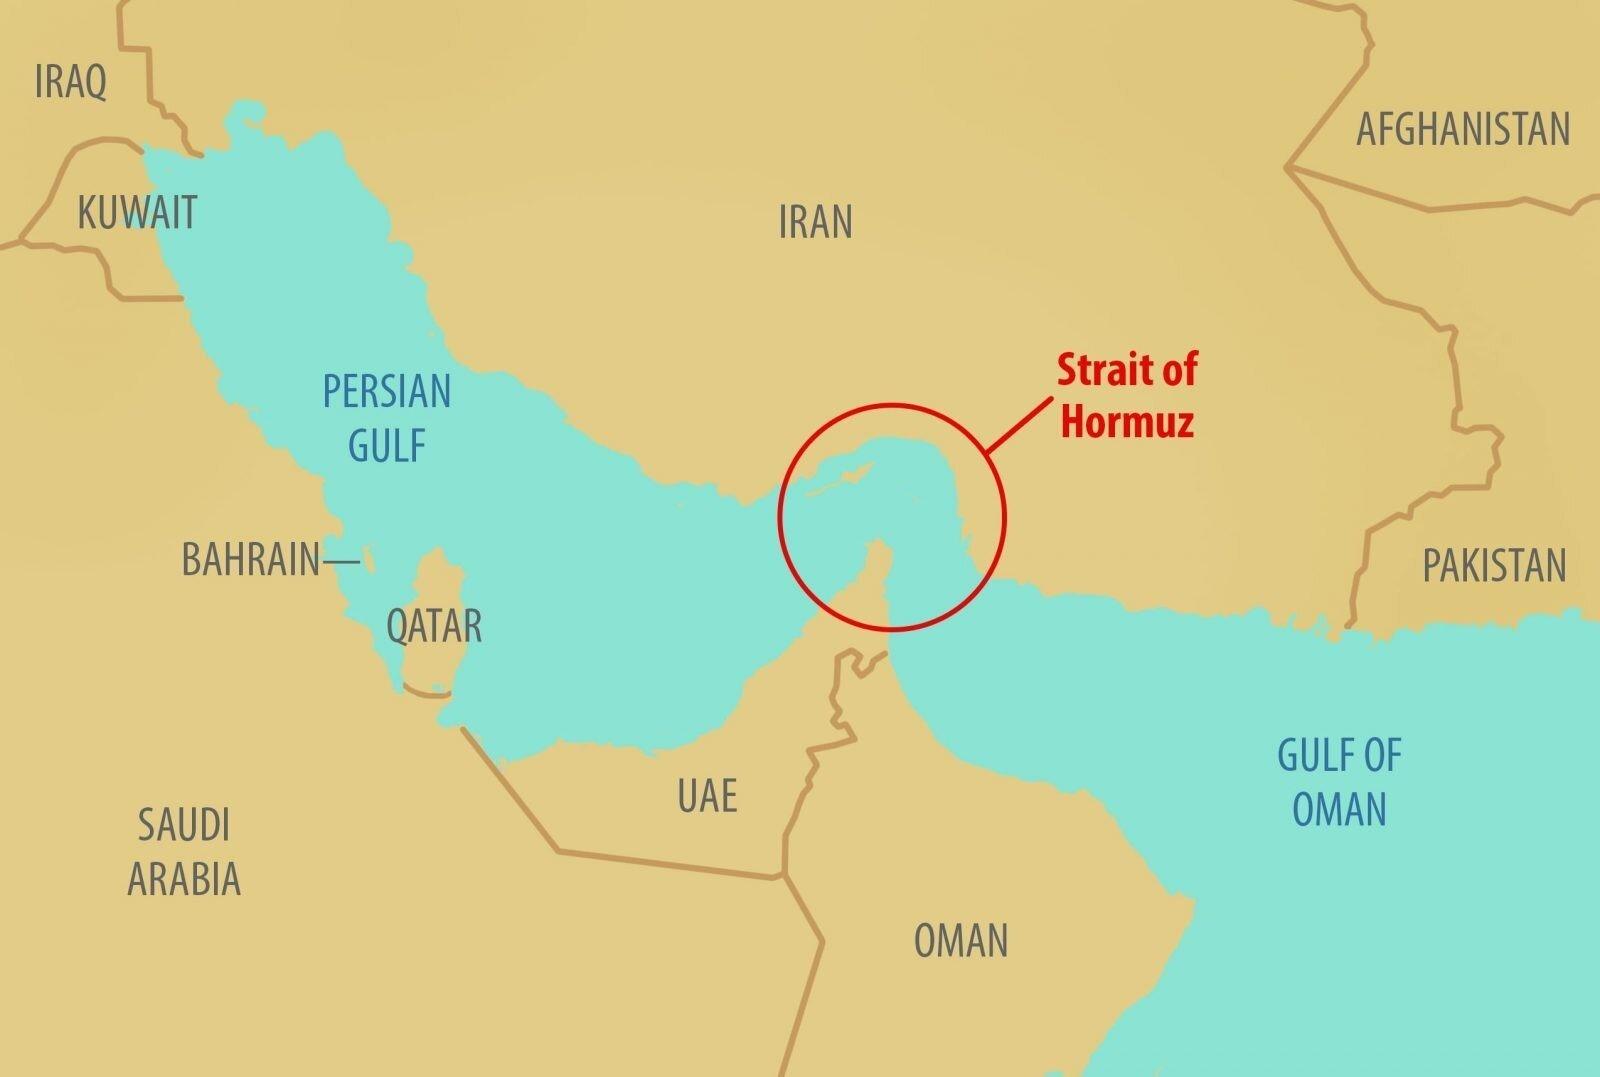 deniz-kultur - hürmüz boğazı - Dünyanın Önemli Boğaz ve Kanalları